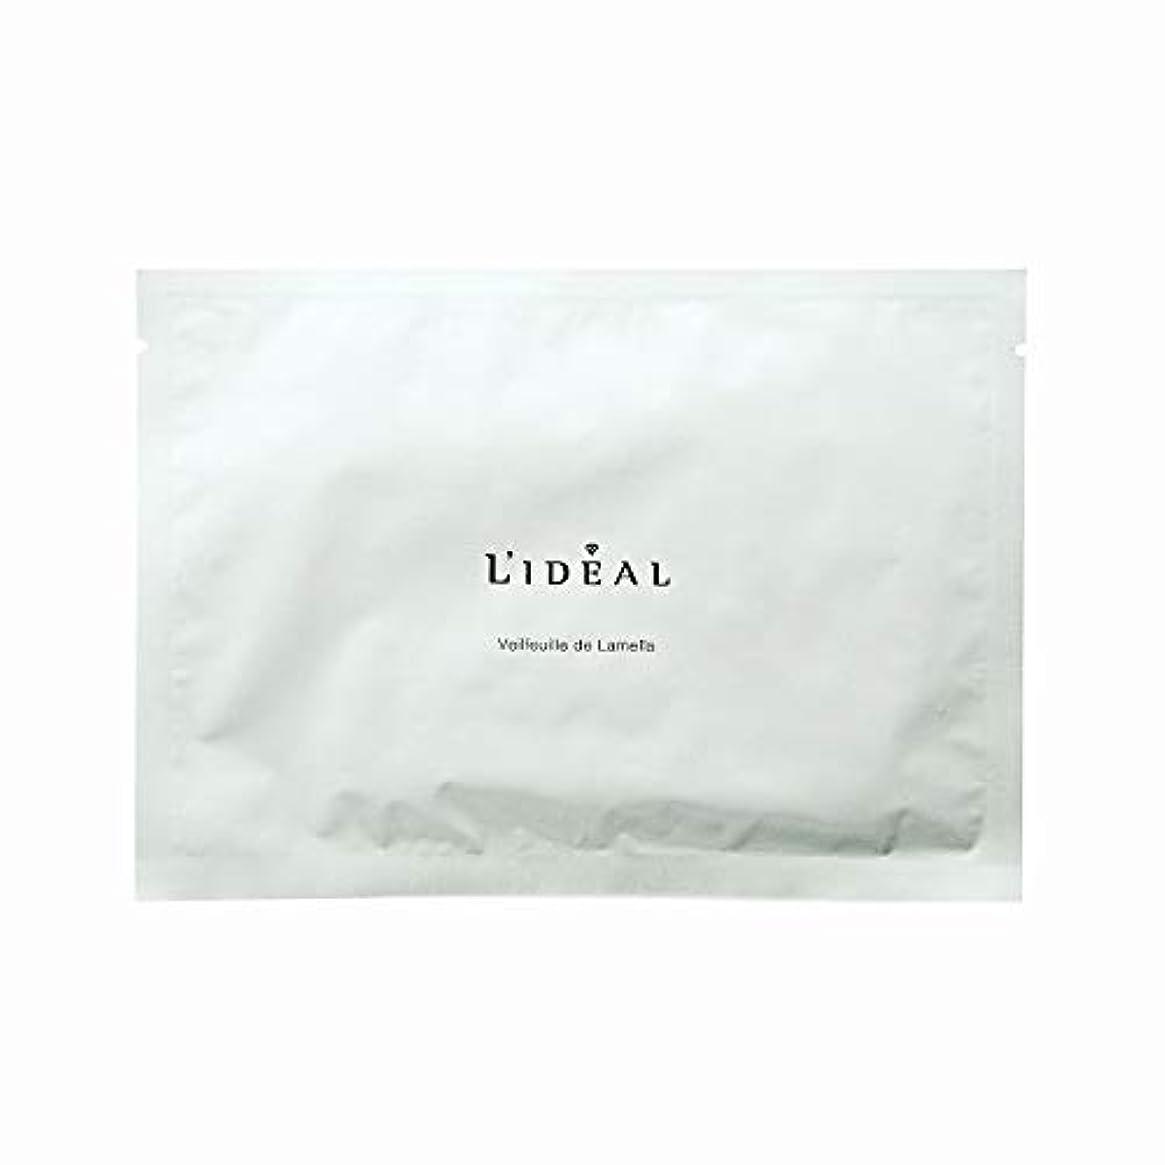 家主乳剤ブリードリディアル ベルフィーユ デ ラメラ 1枚(バラ) [並行輸入品]